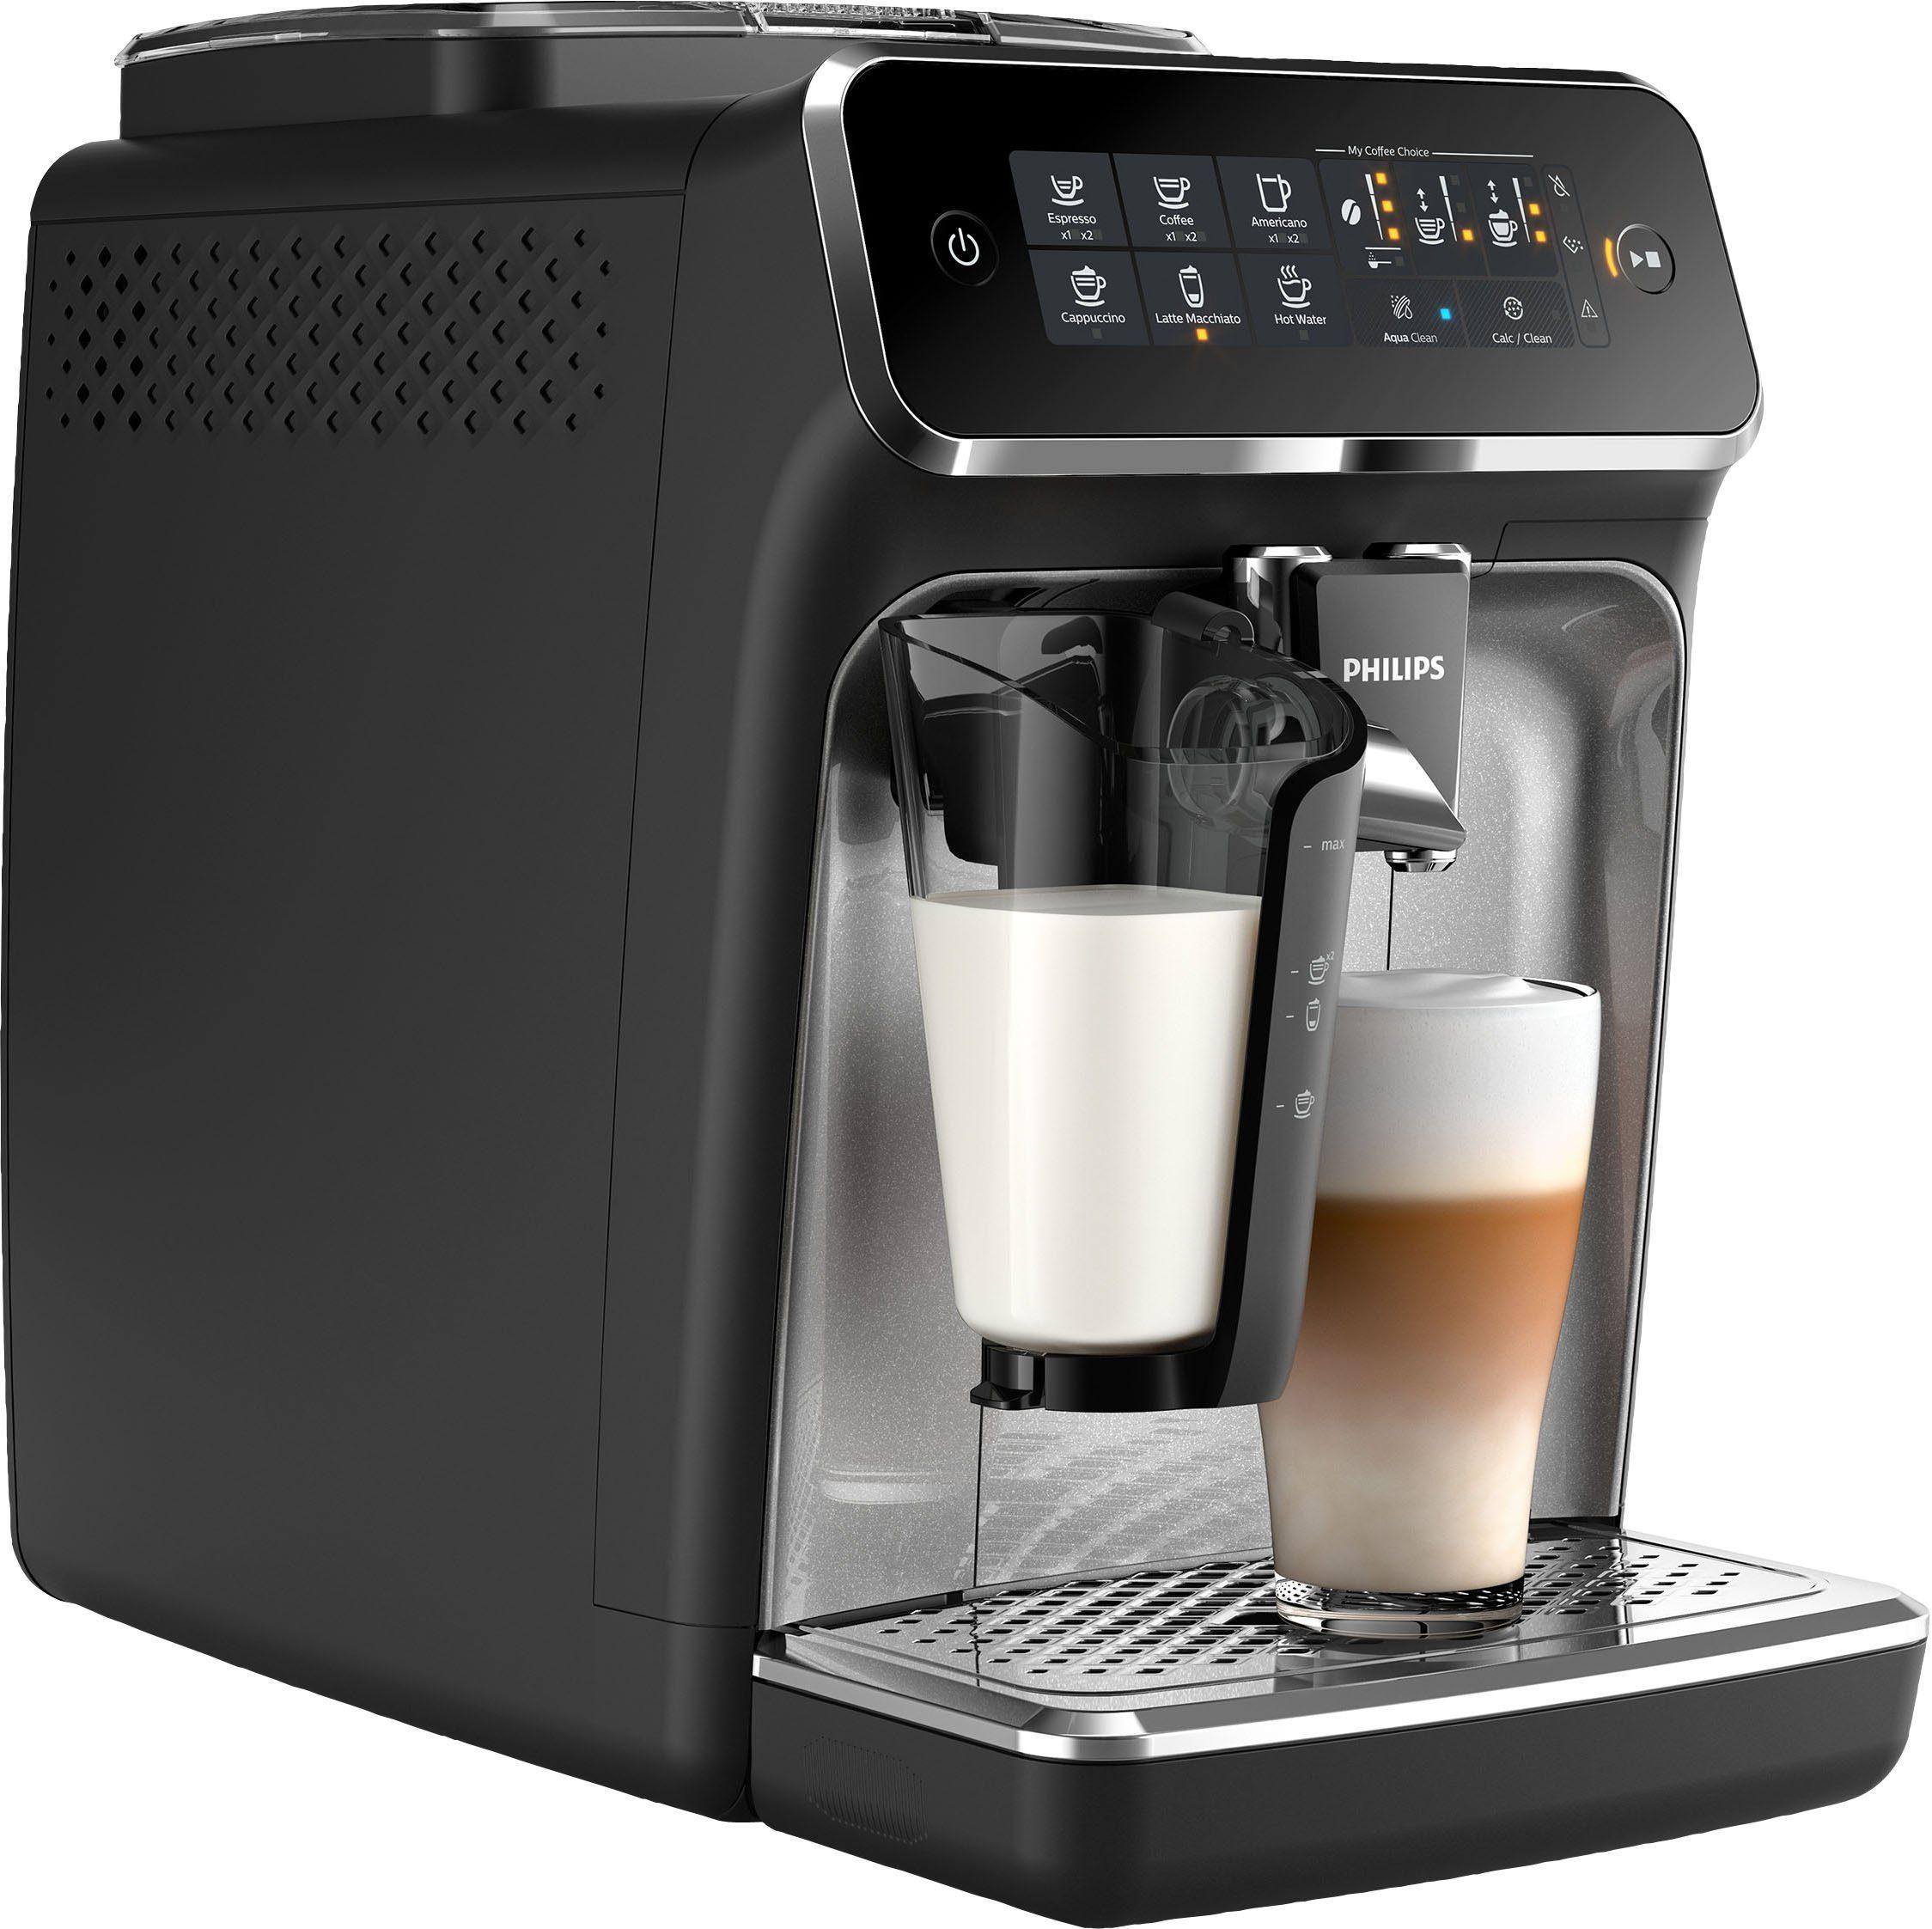 Philips Kaffeevollautomat 3200 Serie EP324670 LatteGo, silber, schwarz online kaufen | OTTO